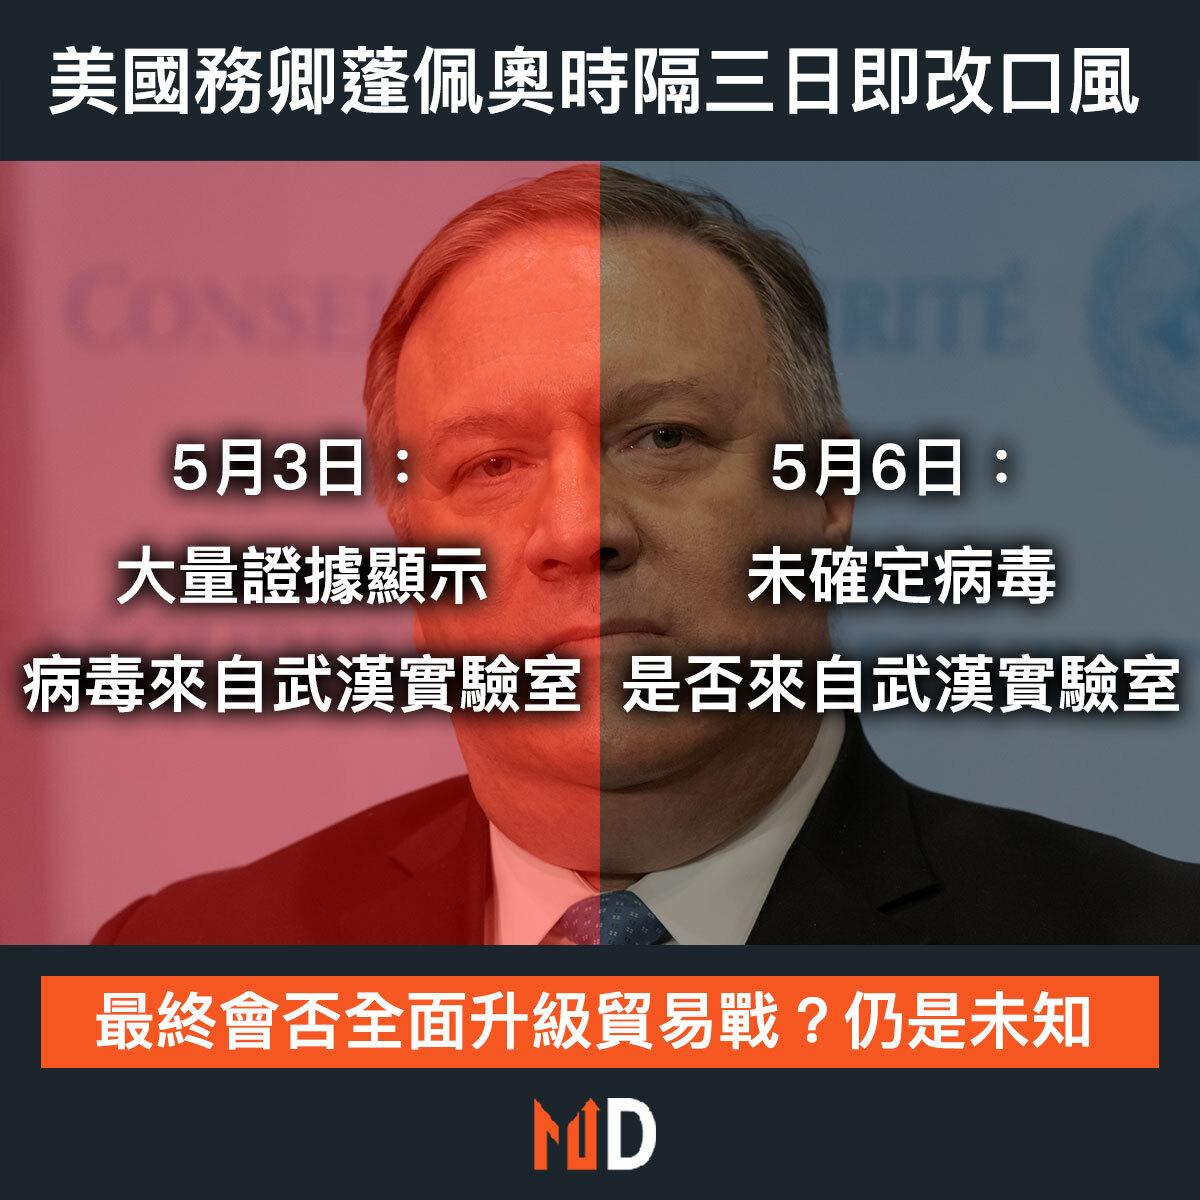 【#市場熱話】華府改口風!蓬佩奧:未確定病毒是否來自武漢實驗室